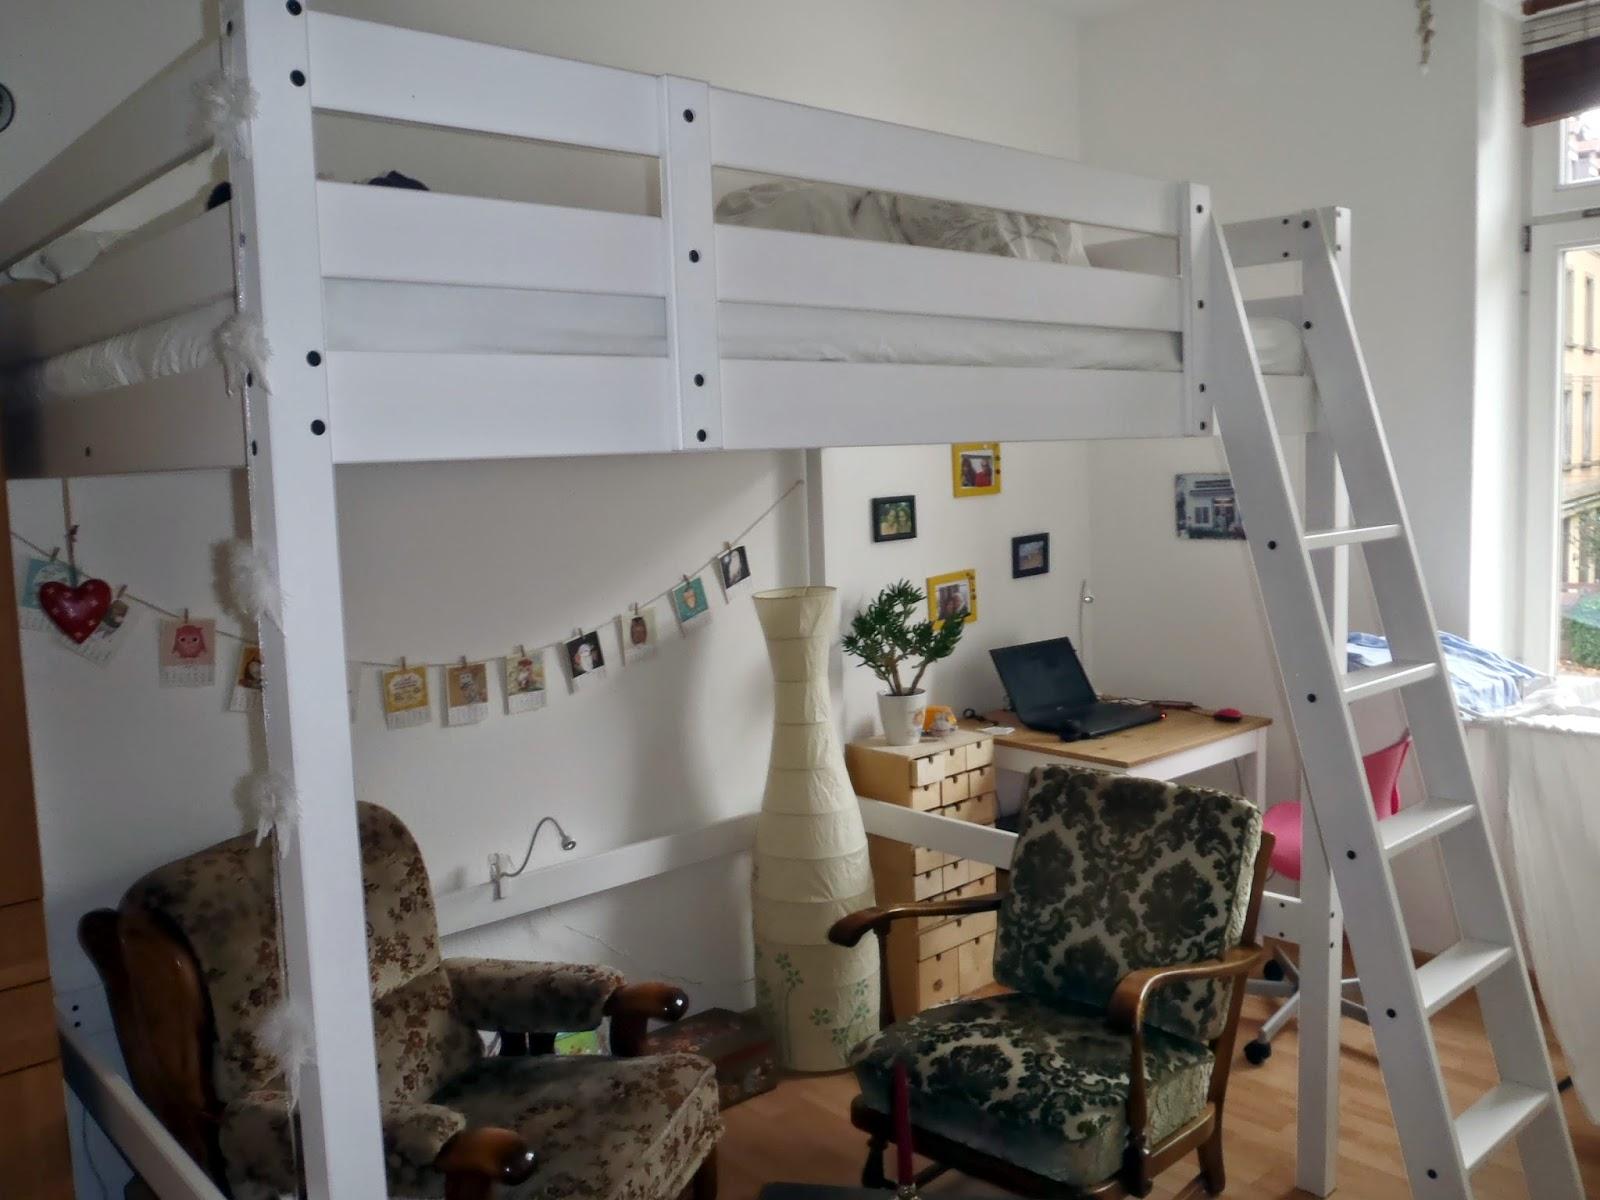 leas st ble ein 15m zimmer sch n und praktisch einrichten. Black Bedroom Furniture Sets. Home Design Ideas